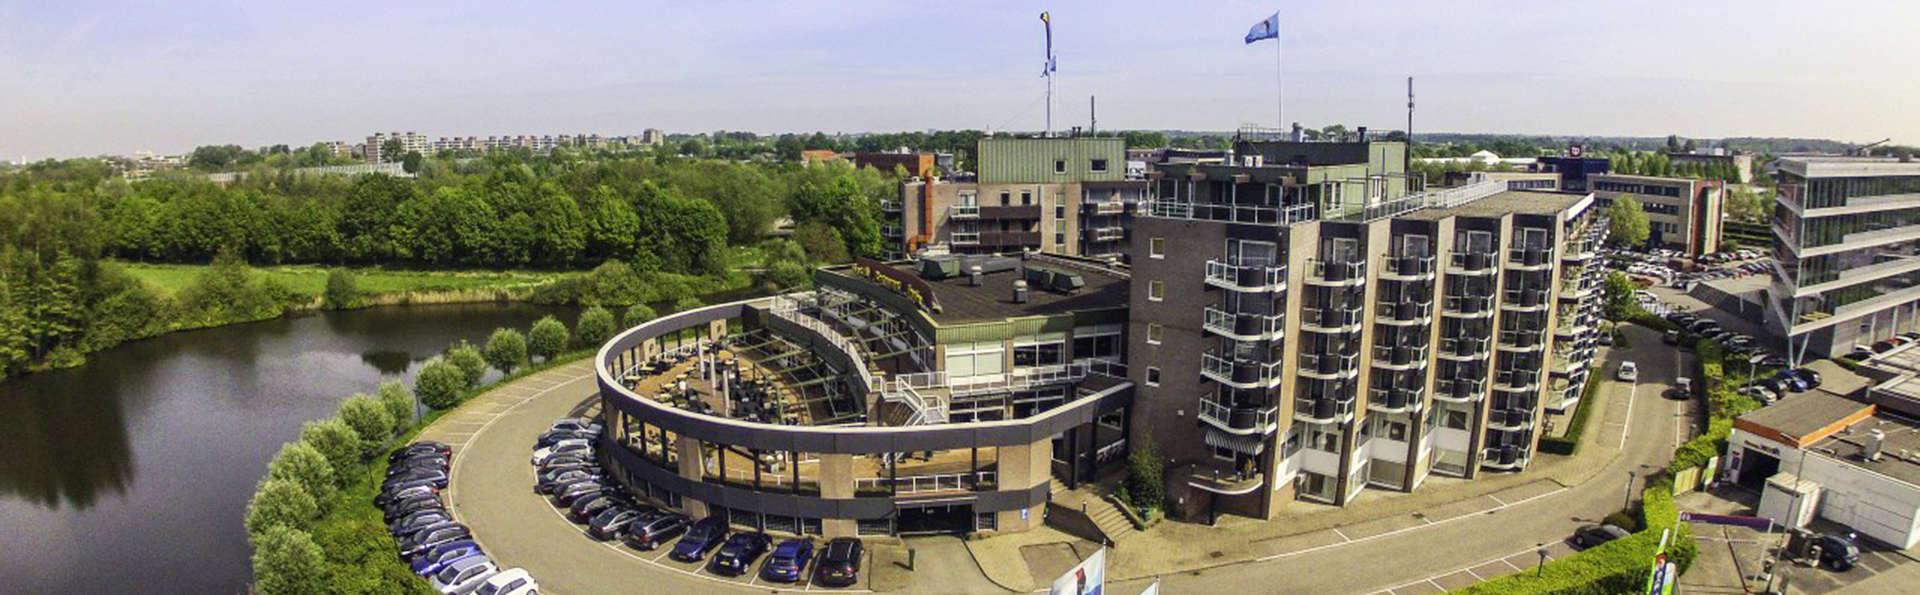 Van der Valk Hotel Leusden - Amersfoort - edit_leusden.jpg